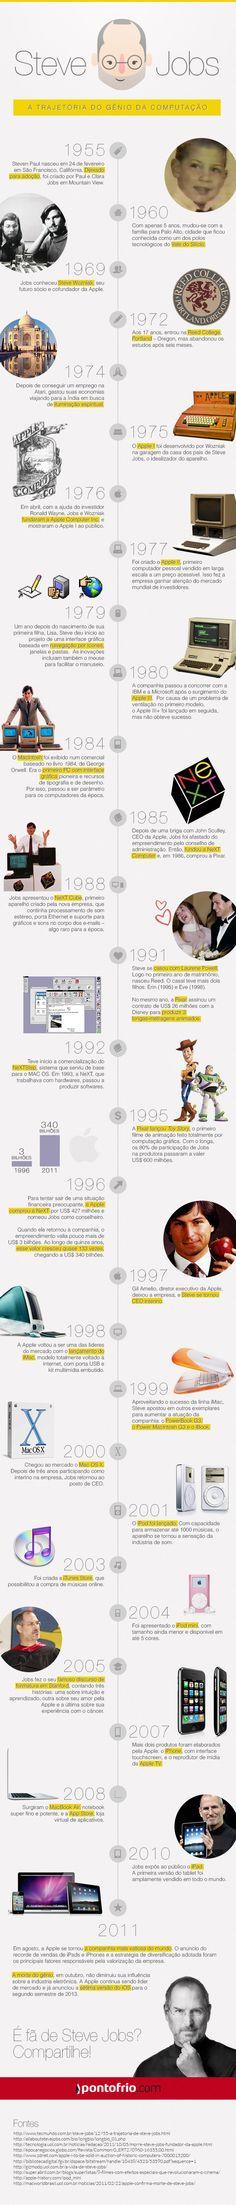 Interessante! // Infográfico - Steve Jobs - A trajetória do gênio da computação